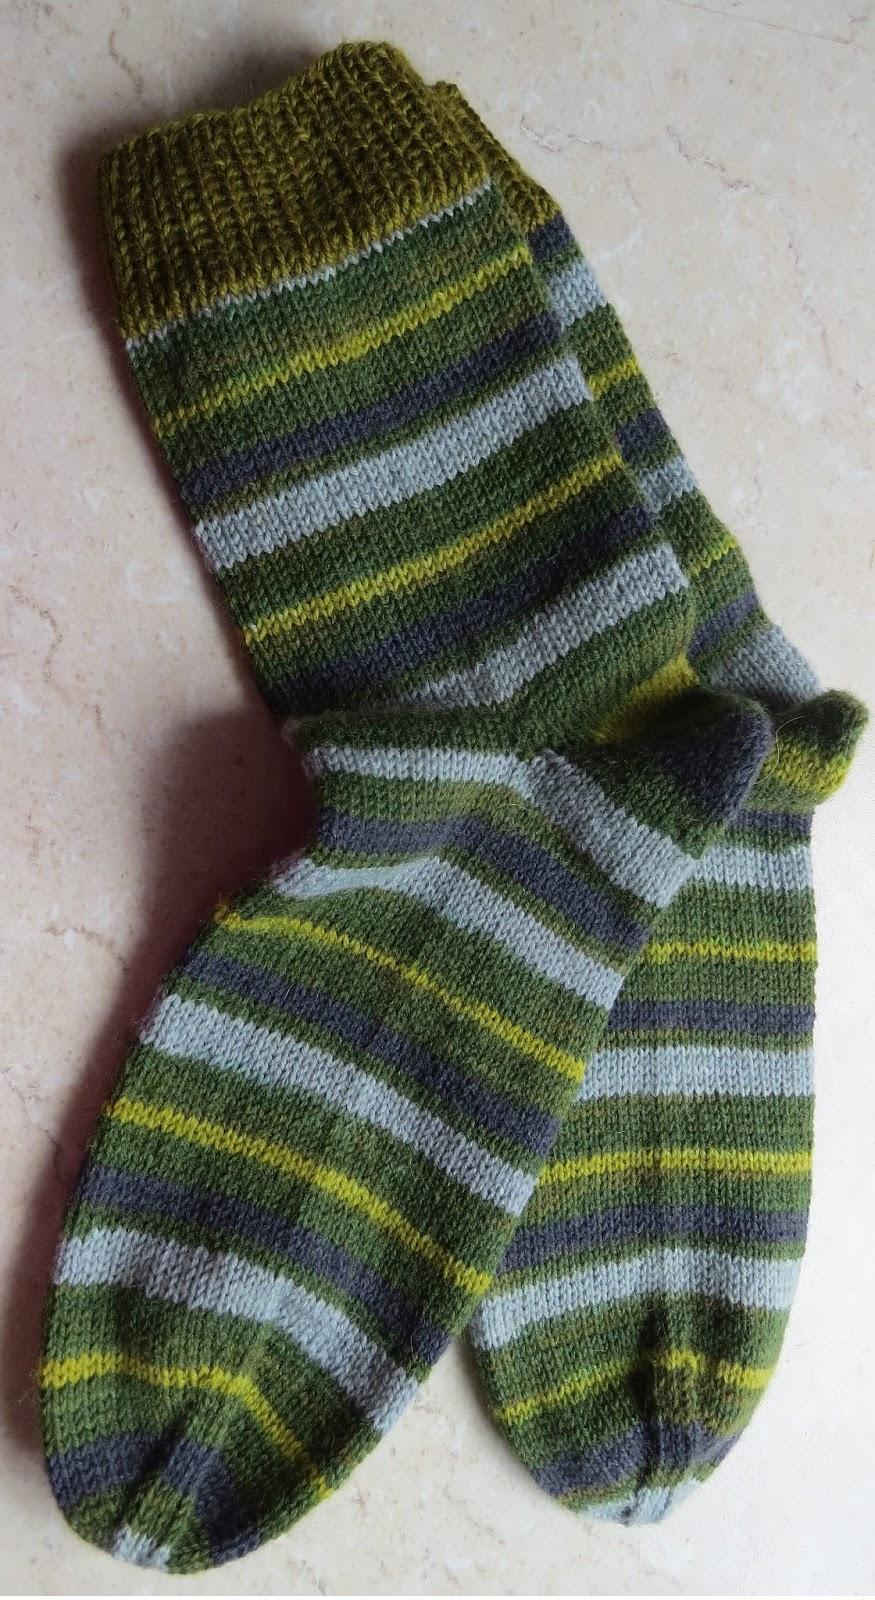 Charmant Häkeln Socken Muster Fotos - Strickmuster-Ideen ...